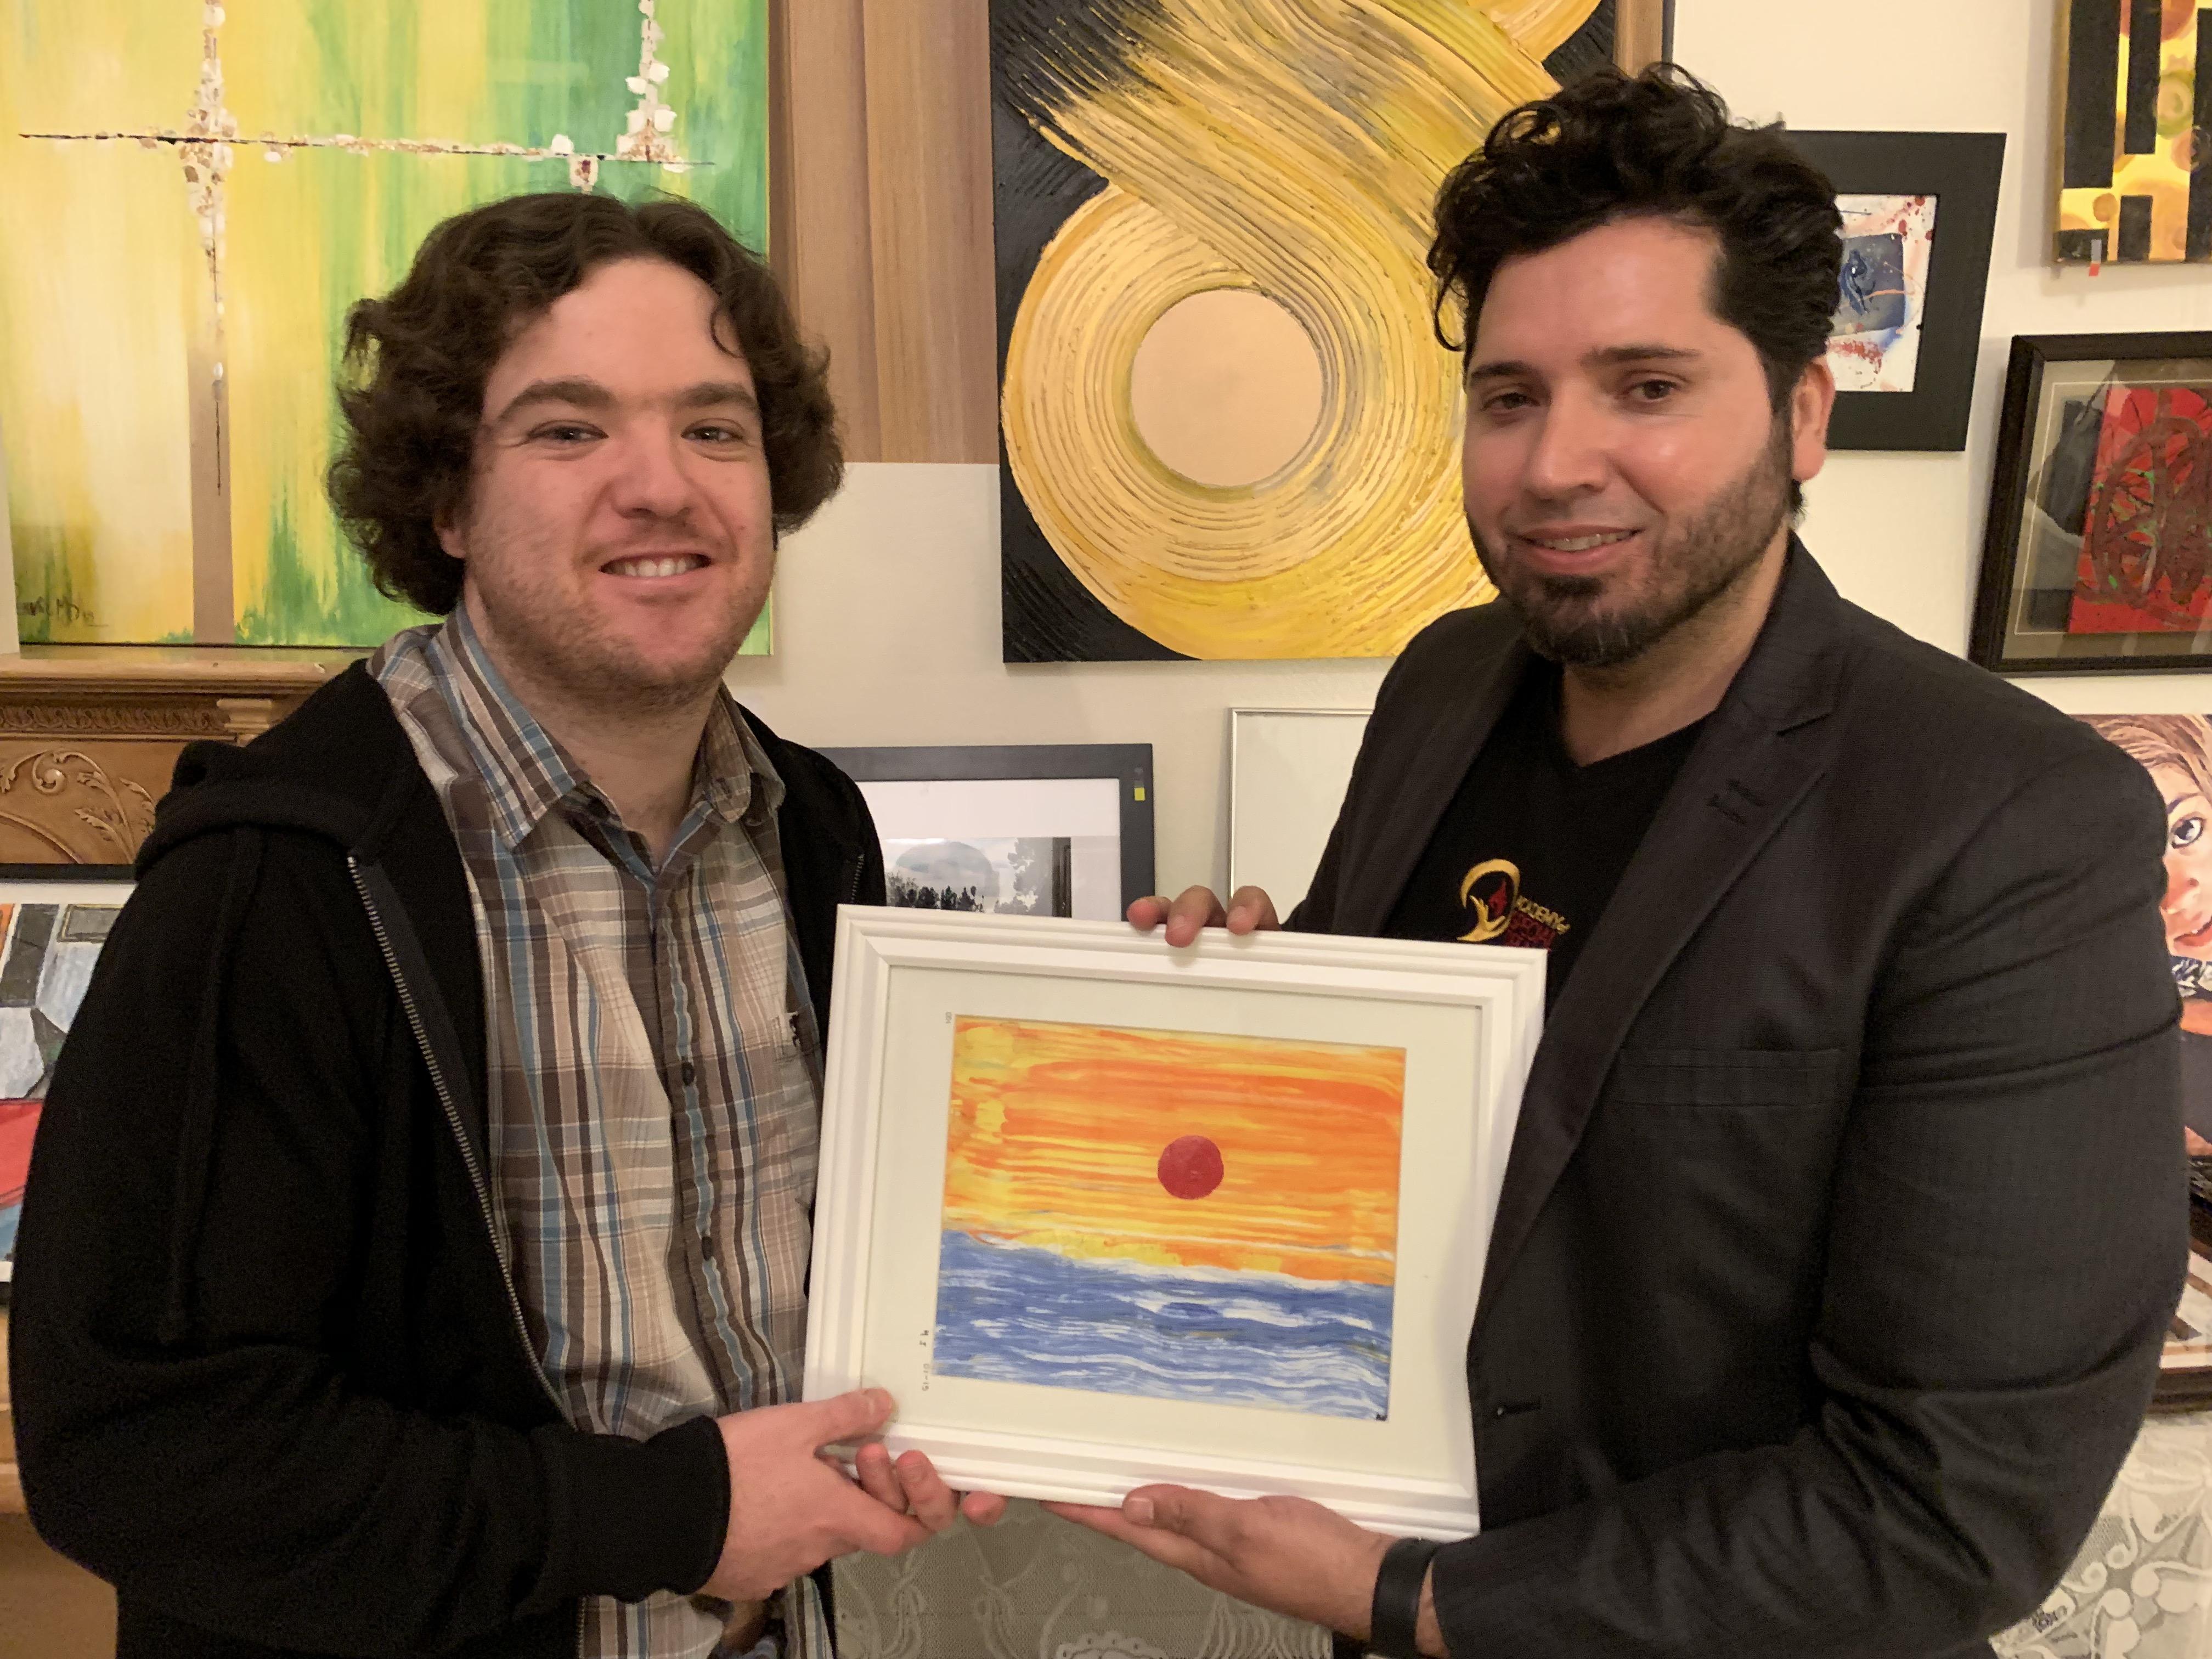 Mike sostiene una pintura que exhibió en el bazar de New Art Gallery de Silvia Villegas en beneficio de la Academia de Sueños Especiales creada por Michael Dergar. (Araceli Martínez/La Opinión).